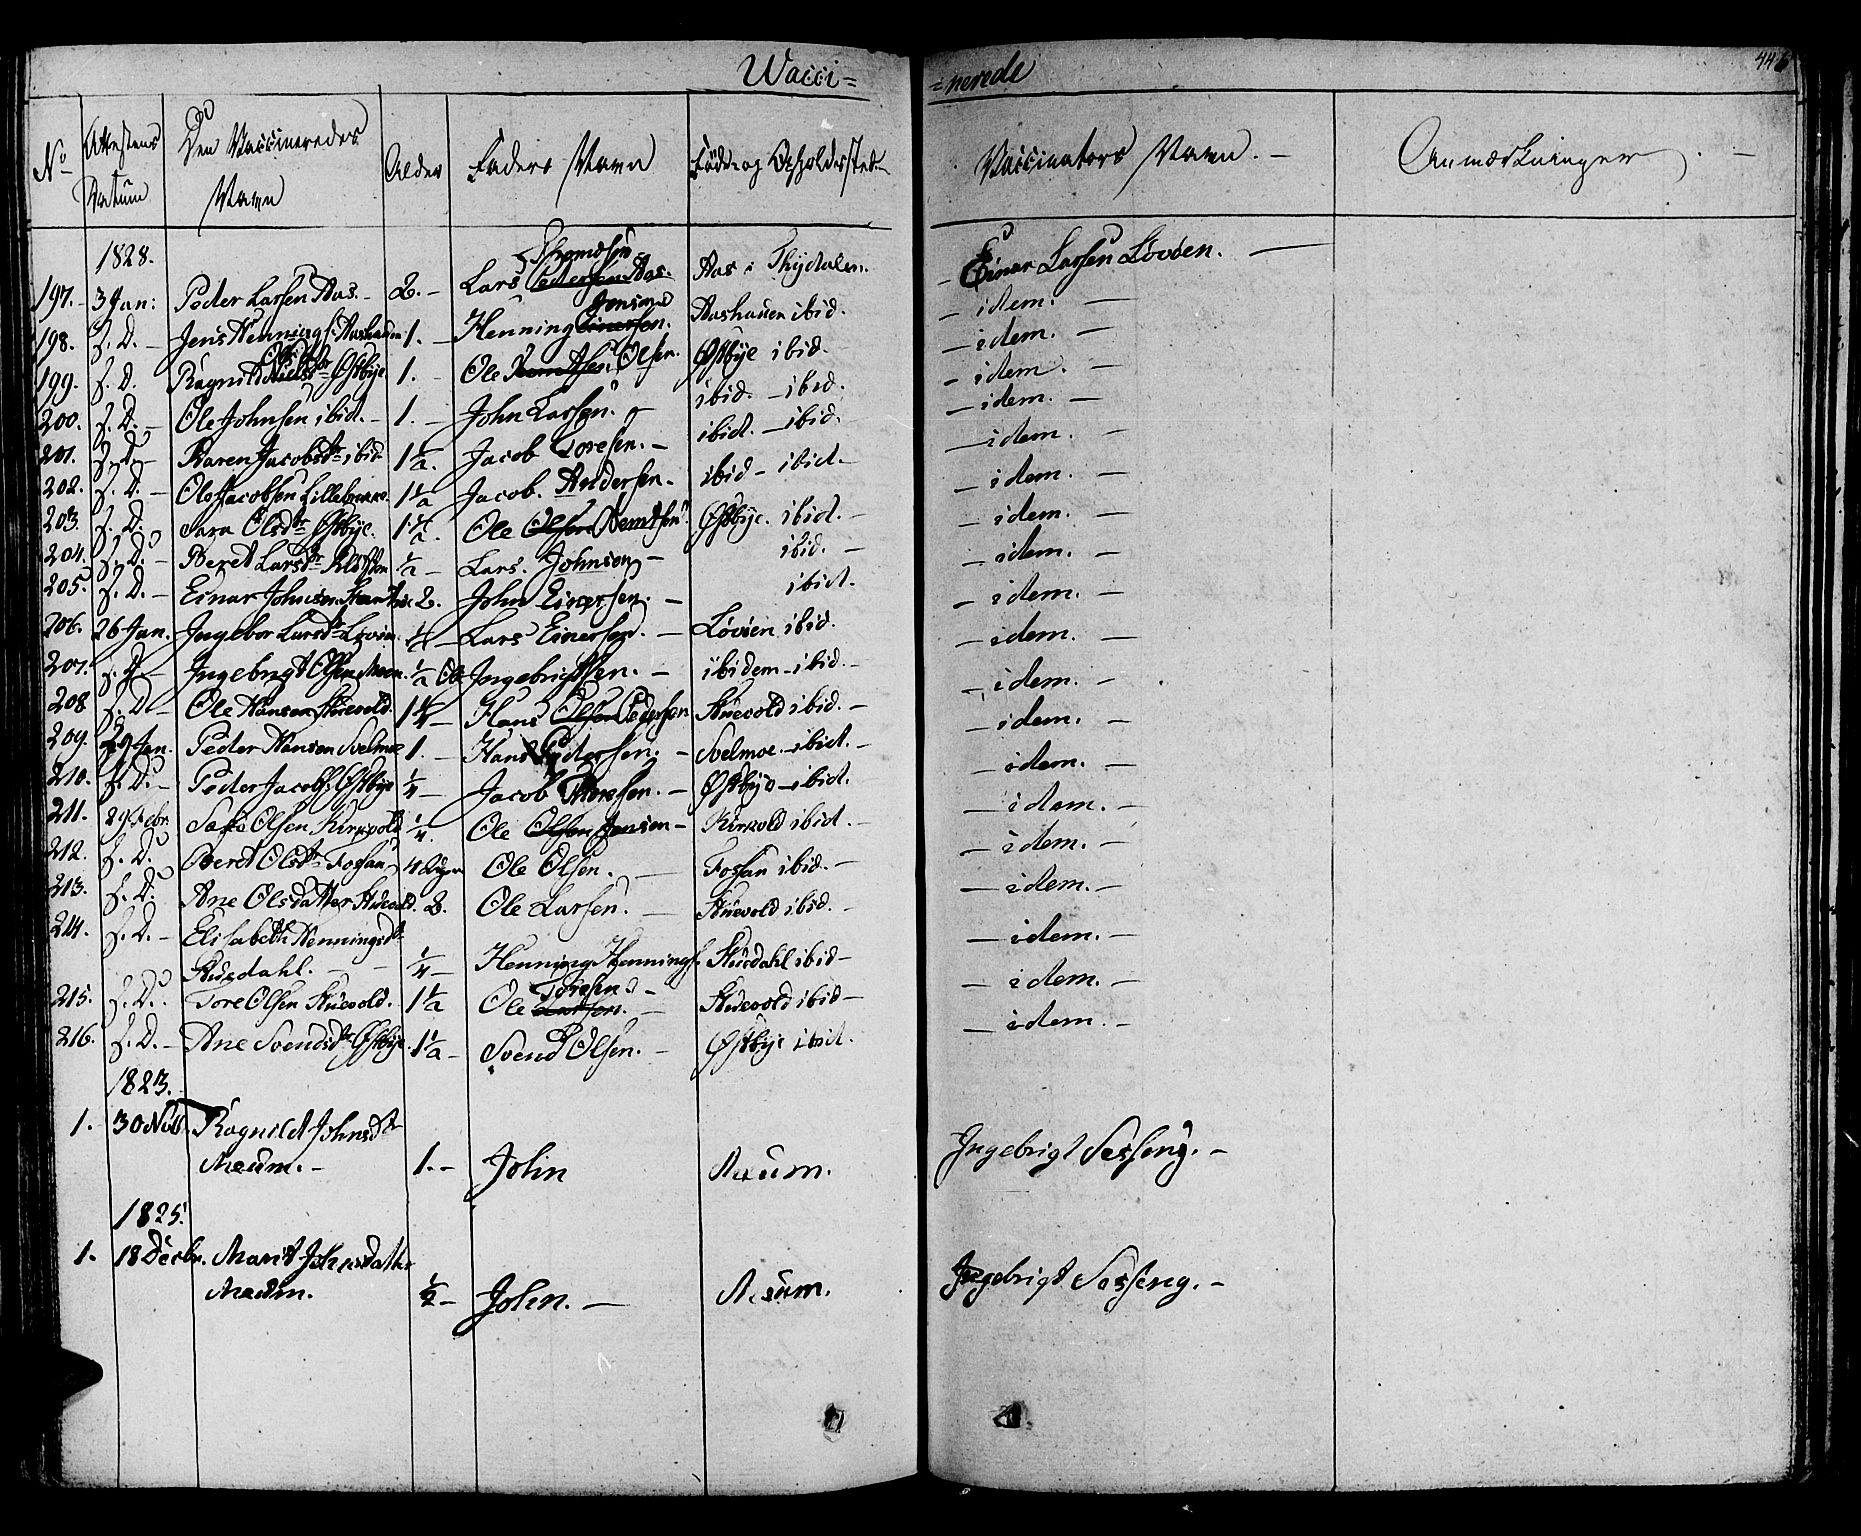 SAT, Ministerialprotokoller, klokkerbøker og fødselsregistre - Sør-Trøndelag, 695/L1143: Ministerialbok nr. 695A05 /1, 1824-1842, s. 446